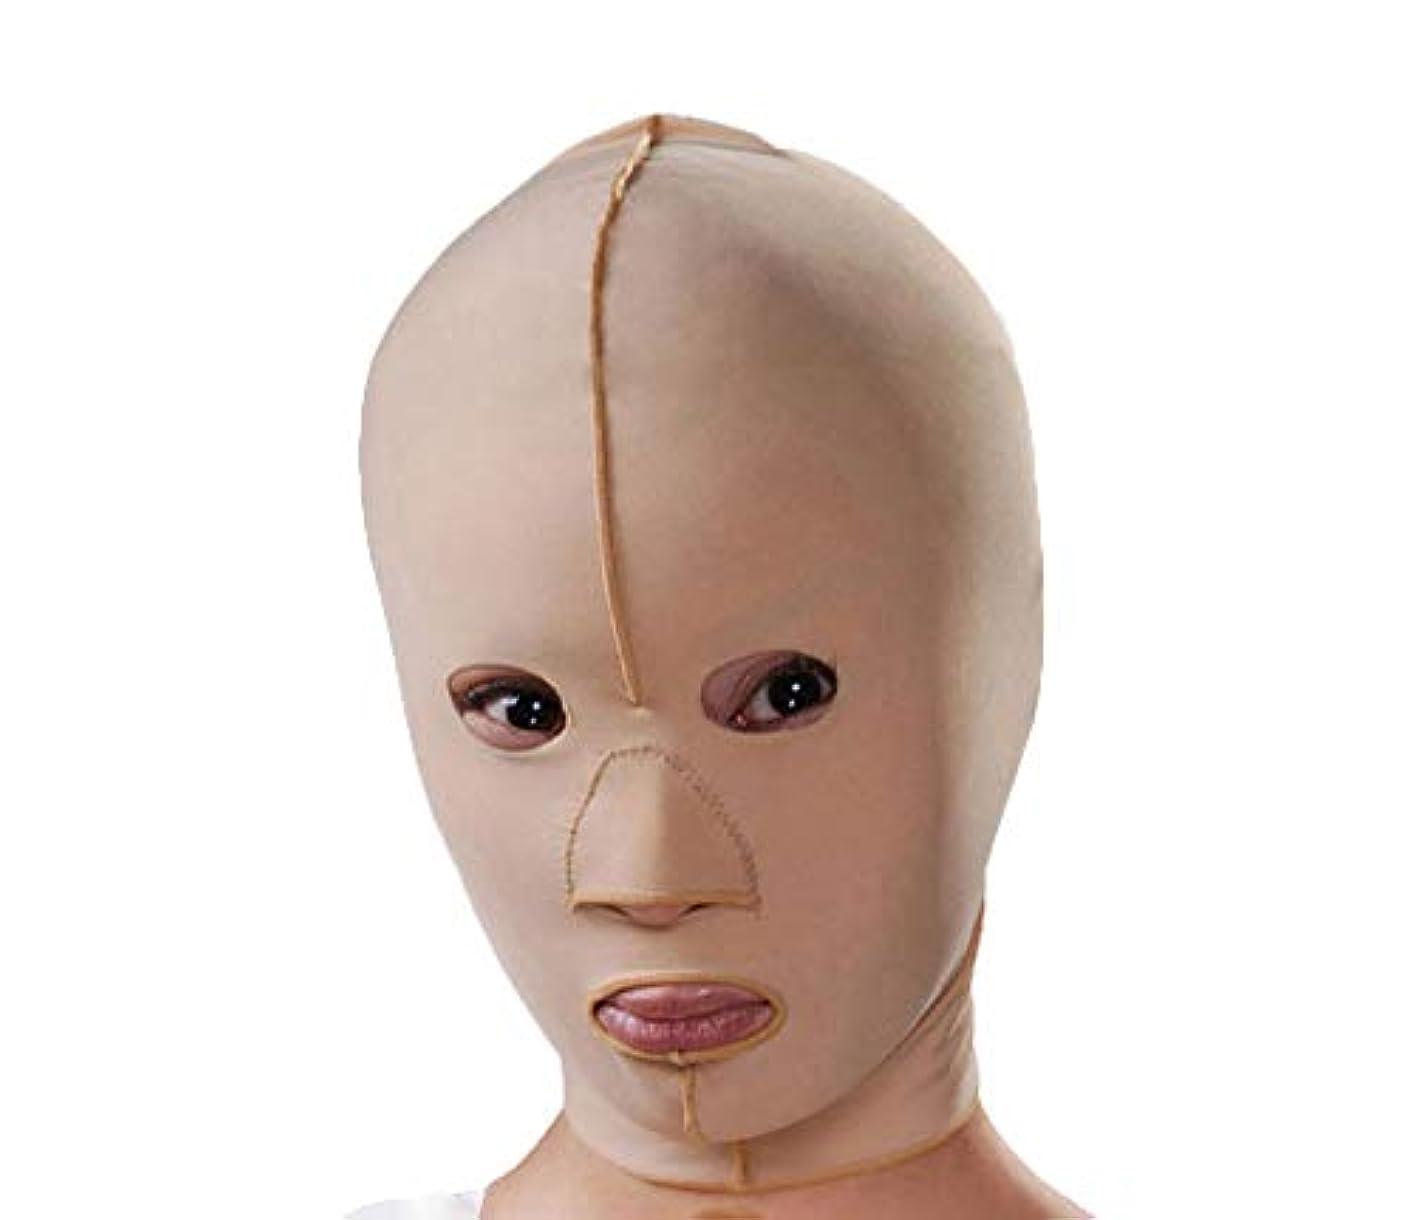 アクロバットオプショナル職業LJK 顔と首のリフト、減量強力なフェイスリフト弾性スリーブフェイシャルリフティング引き締め美容フェイシャル傷跡リハビリフルフェイスマスク (Size : L)